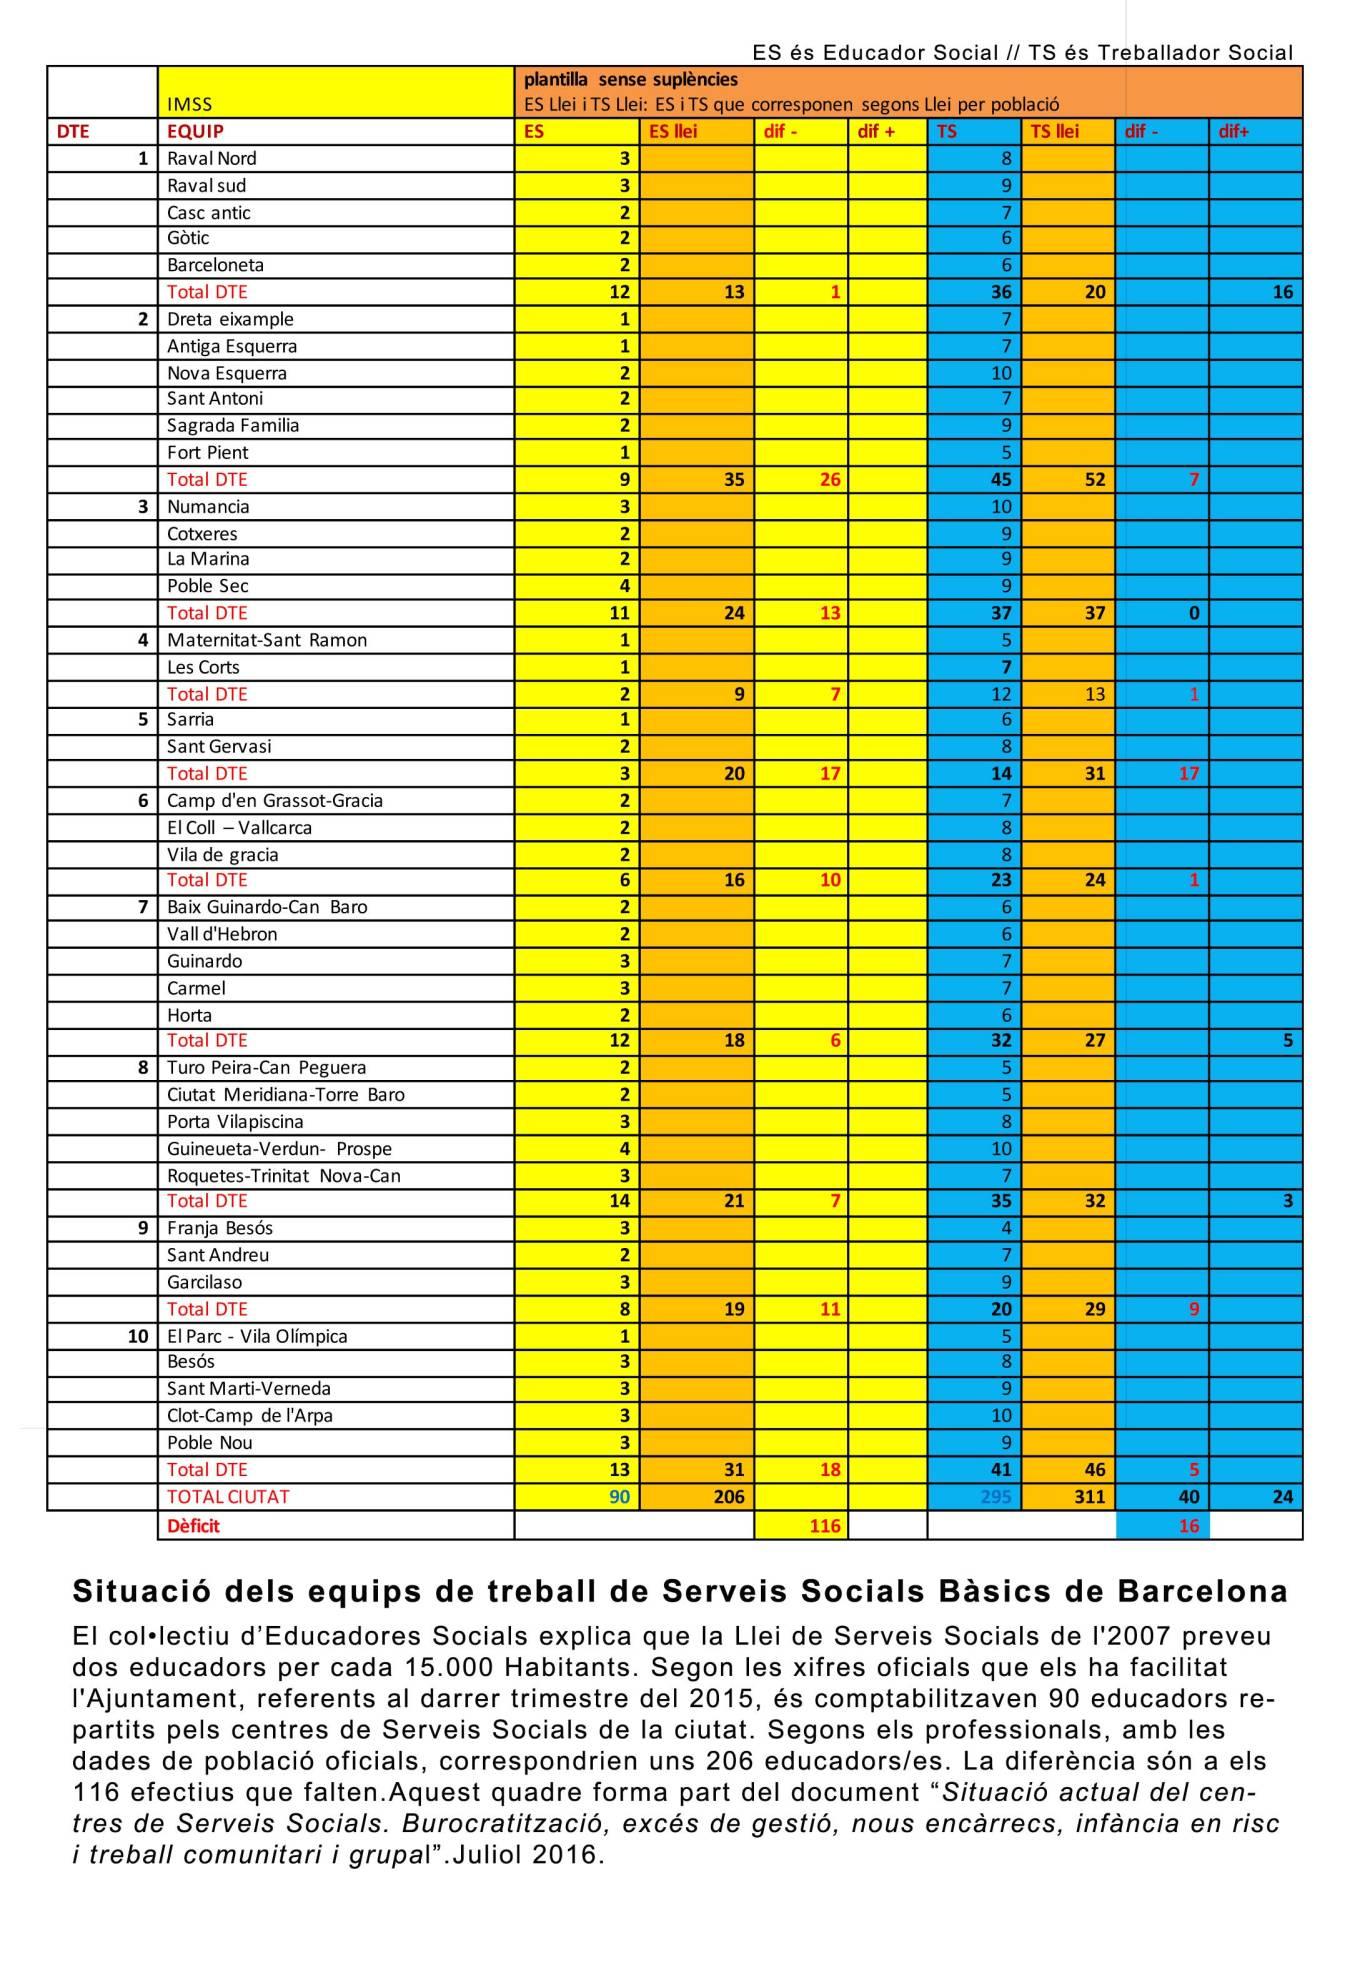 SITUACIO-ACTUAL-DELS-CSS-DE-BCN-2016-I-PROPOSTES-DEFINITIU